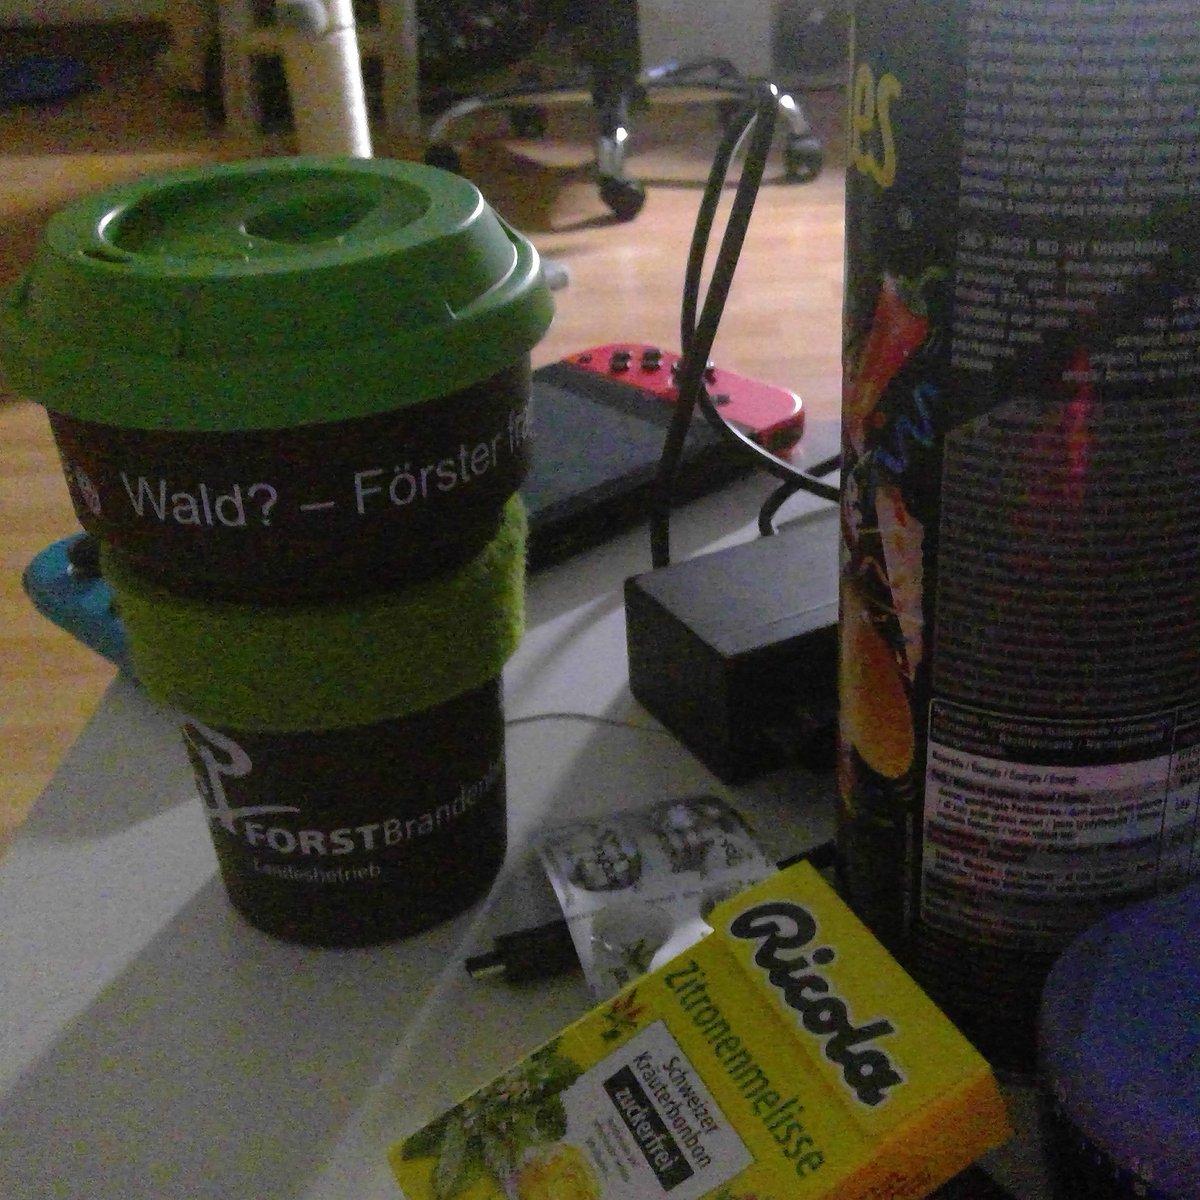 Bissl zocken, bissl fressen und bissl Kaffee mit Schuss.  Prost! pic.twitter.com/7AYhO8F6hr